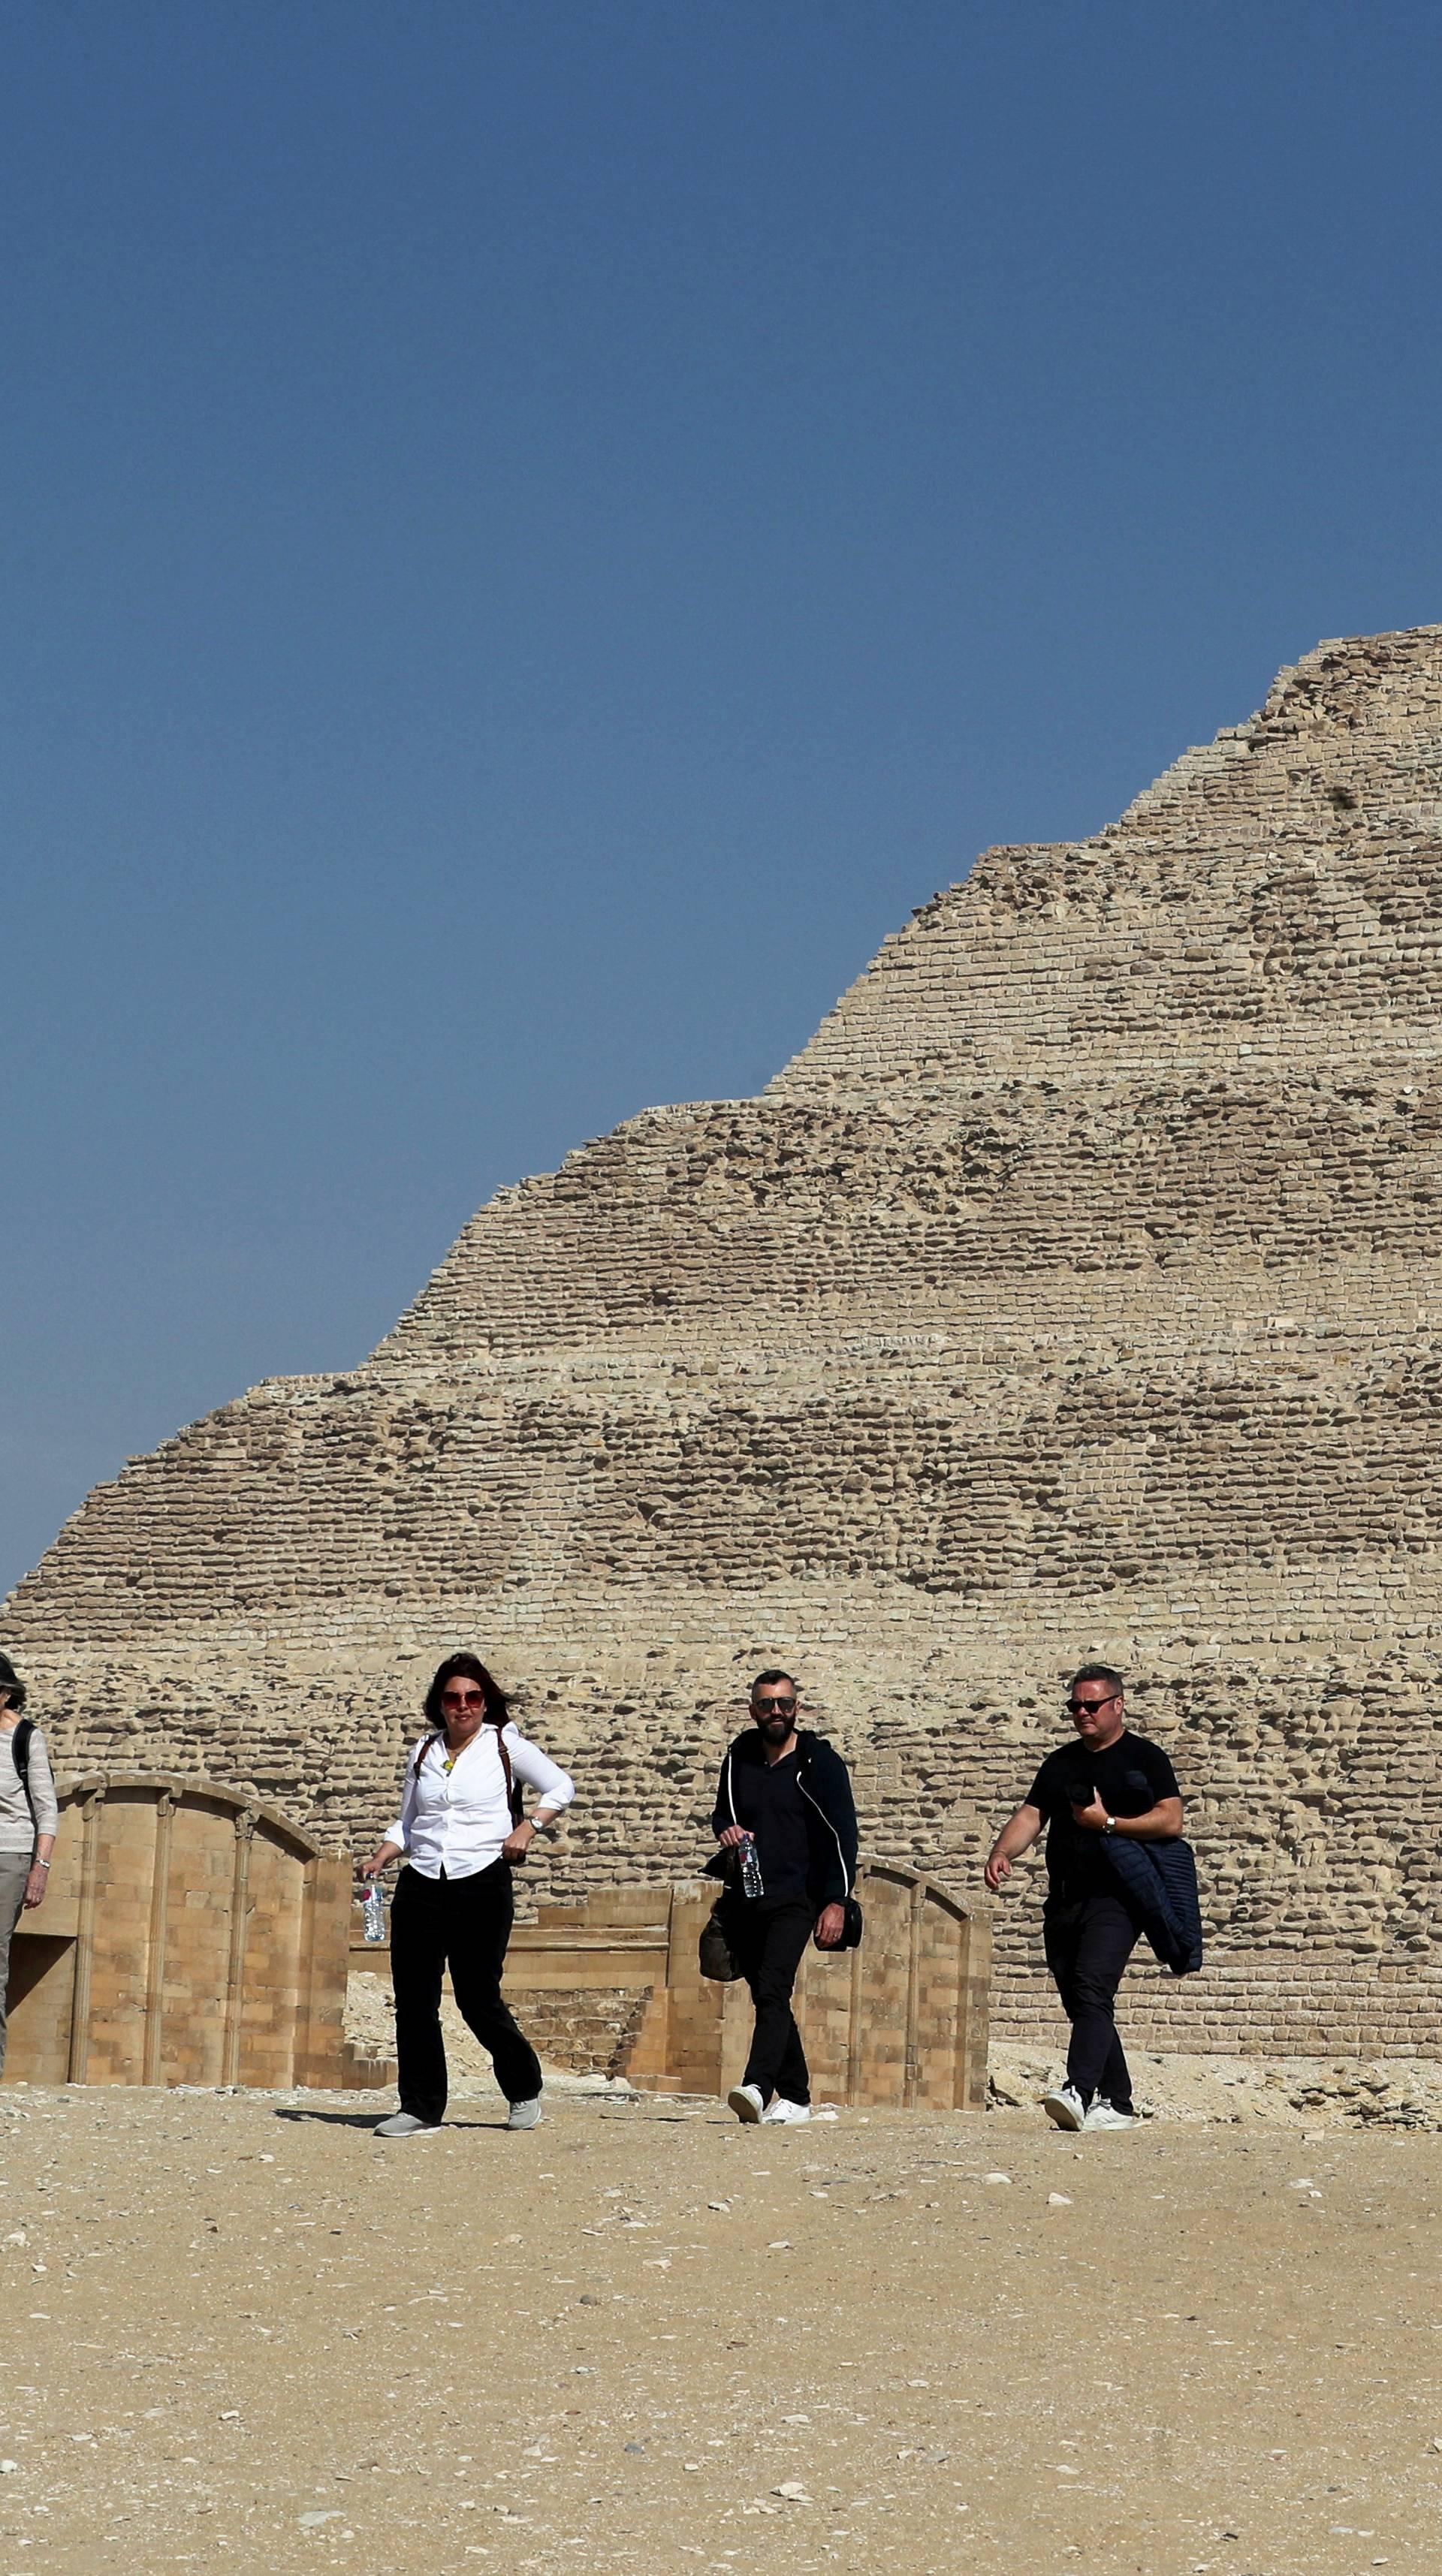 Egipatska piramida stara 4700 g. napokon otvorena za javnost